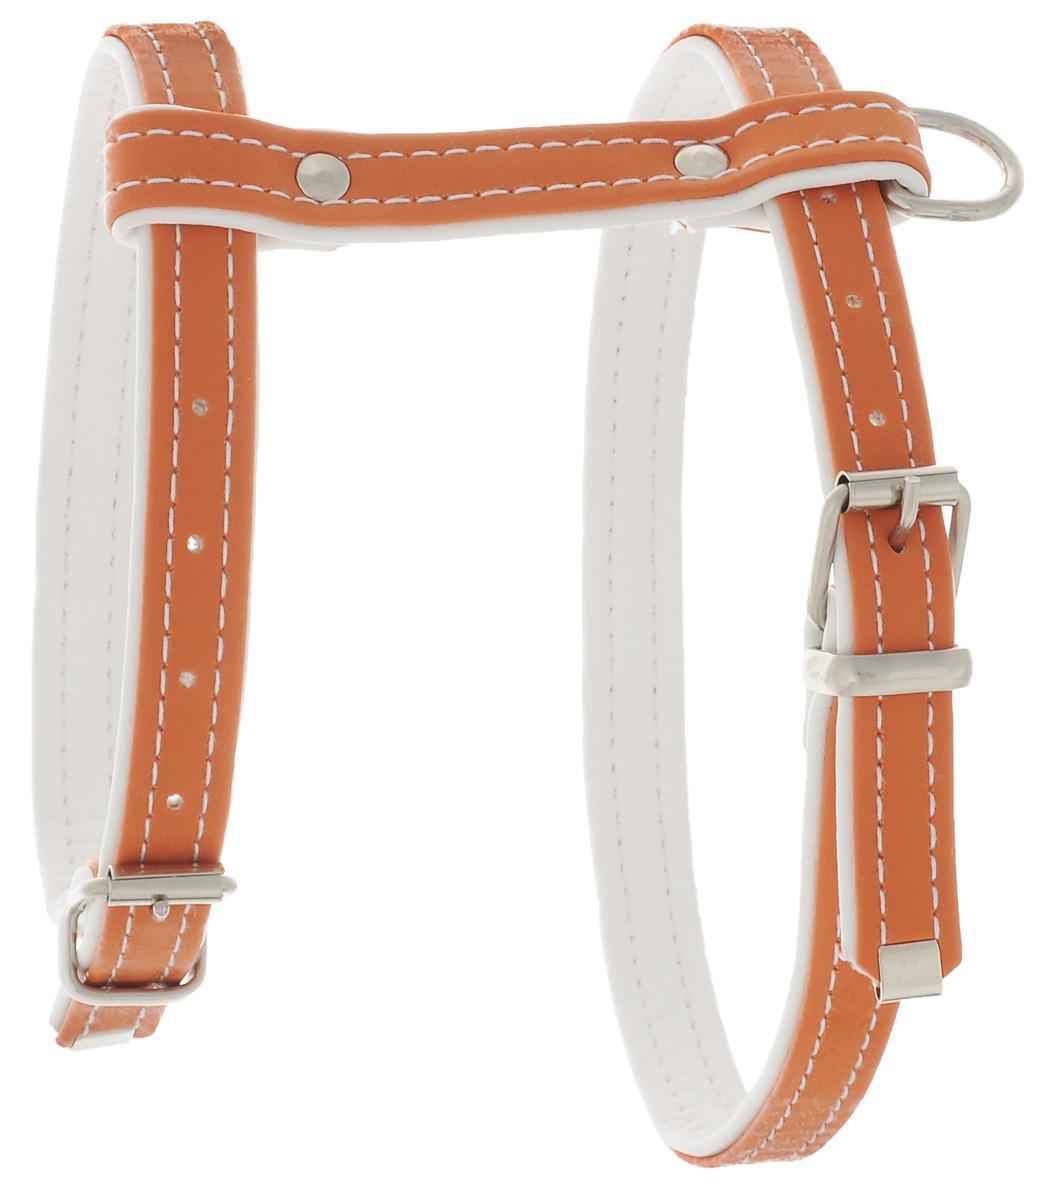 Шлейка Аркон Техно, цвет: оранжевый, белый, ширина 1,5 см, длина 10 см комплект для животных аркон техно цвет оранжевый белый 2 предмета кт37